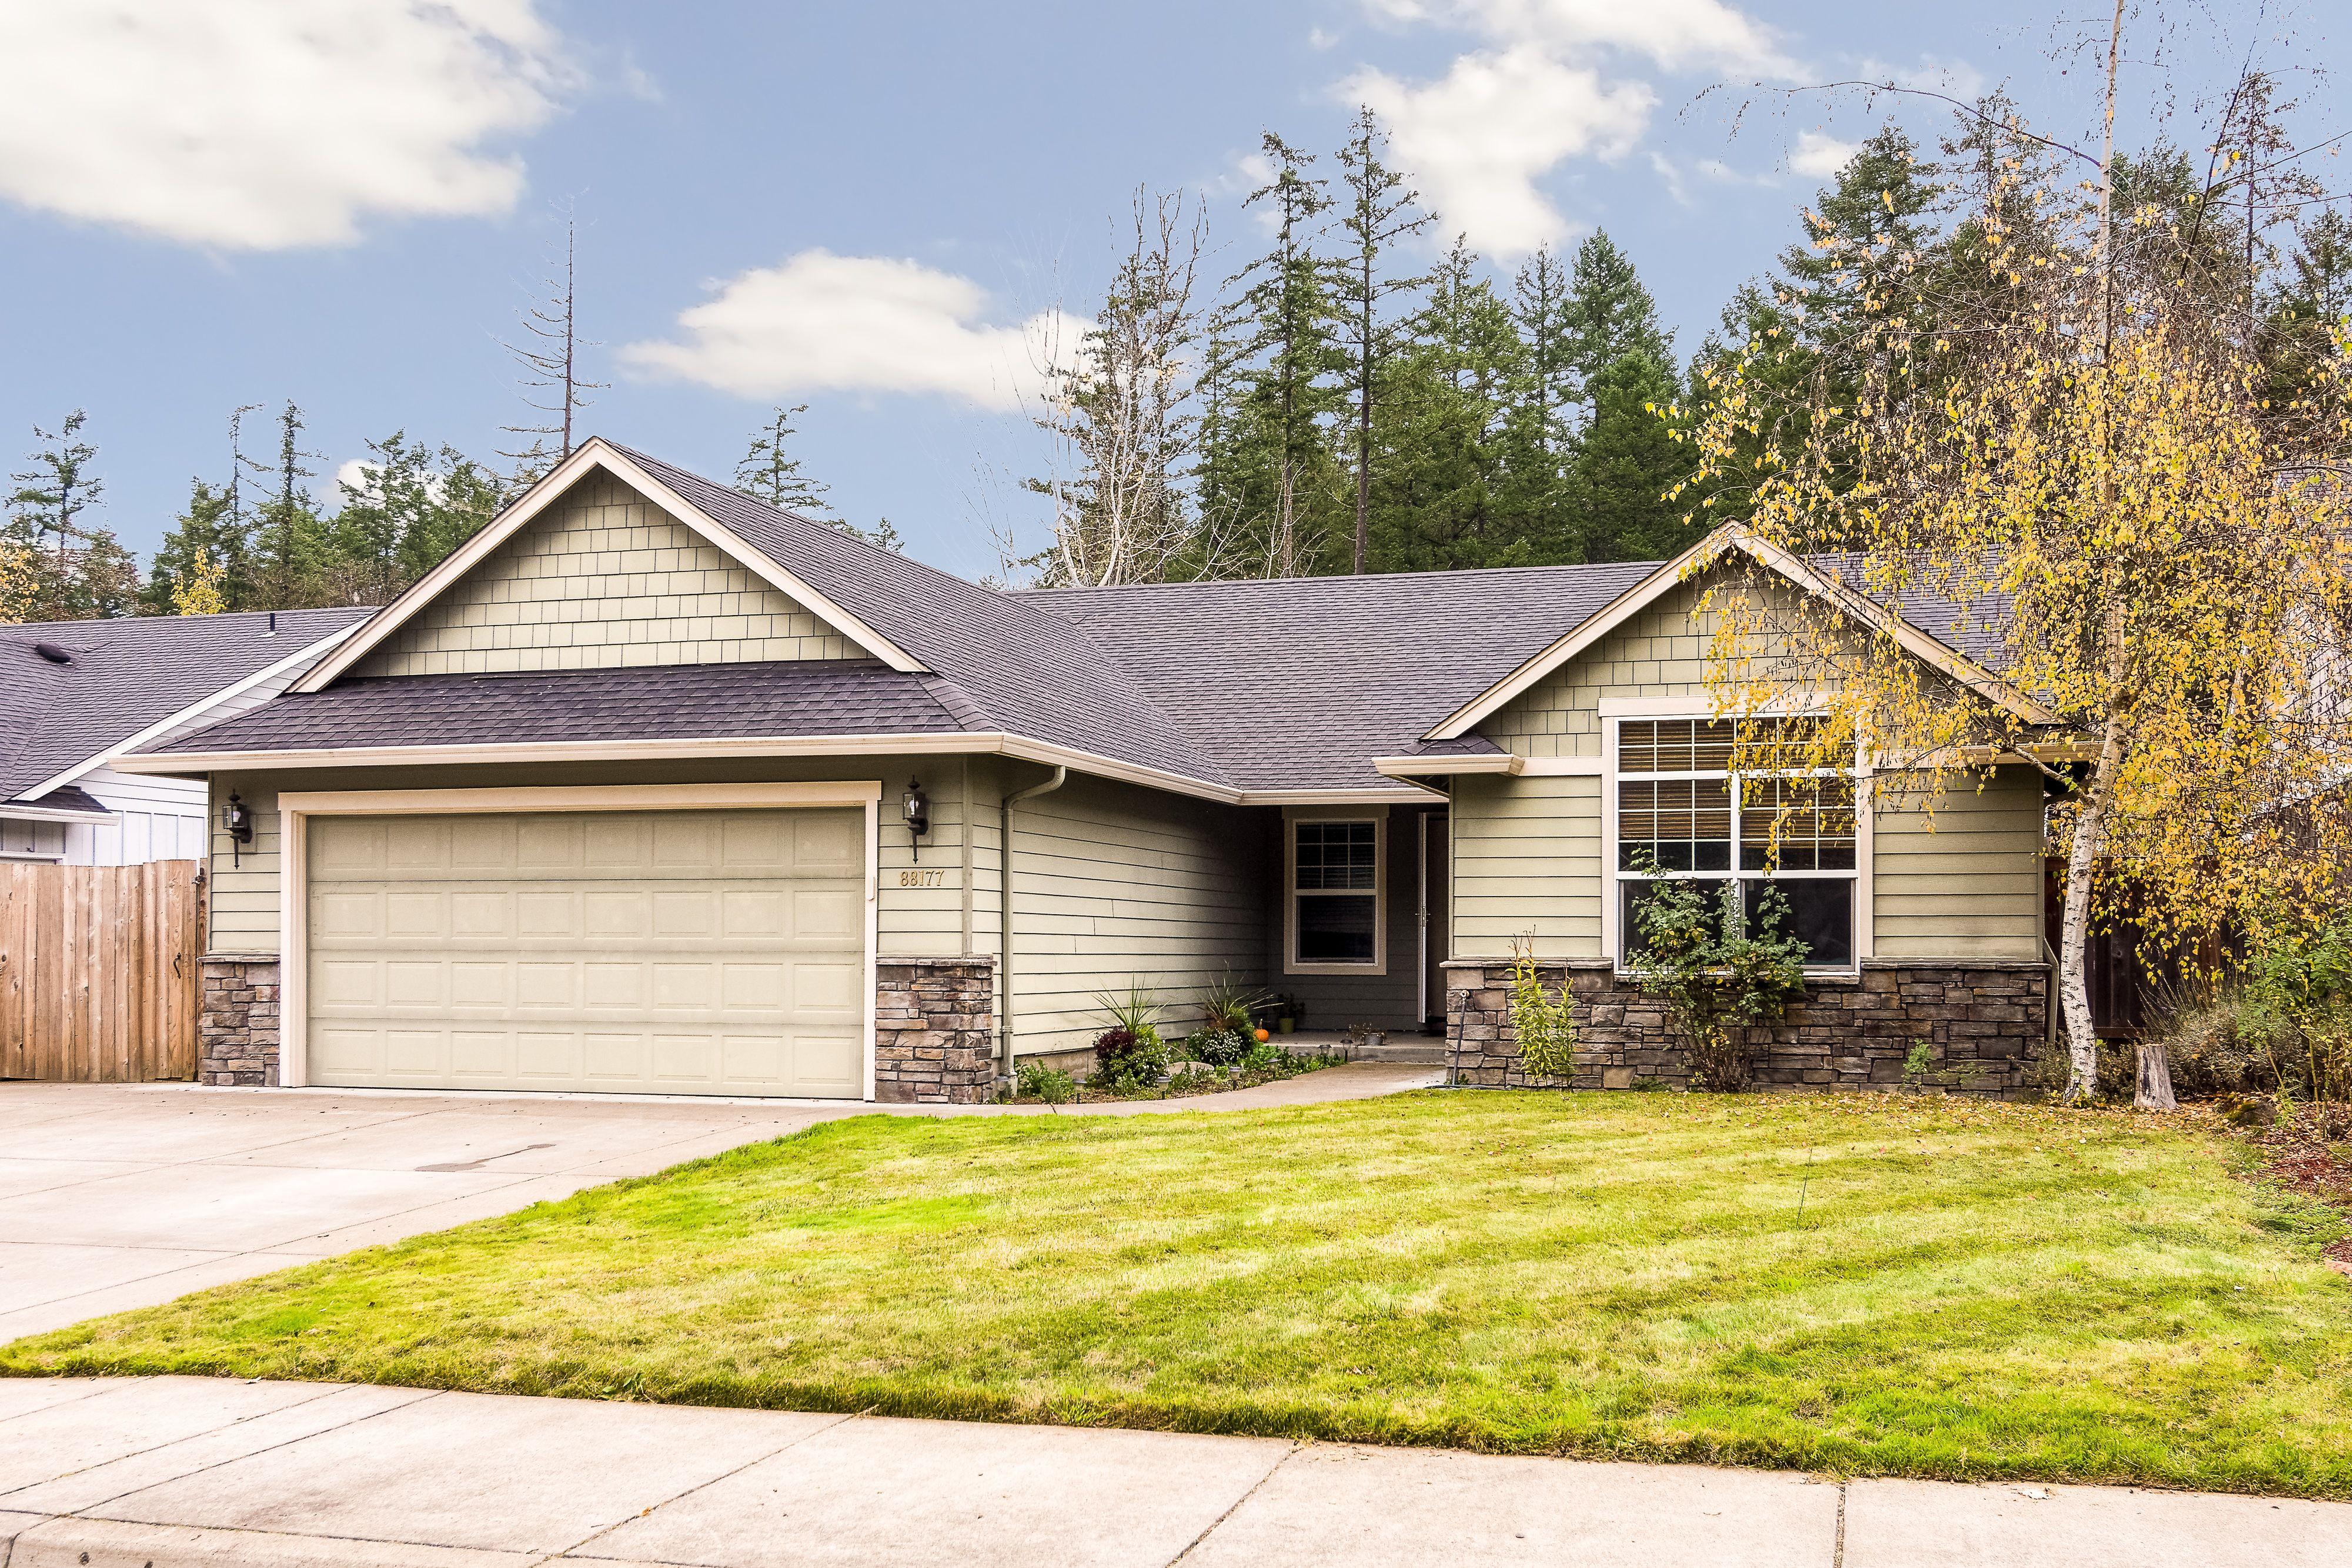 4 Bedroom Home for Sale in Oregon Home, Oregon